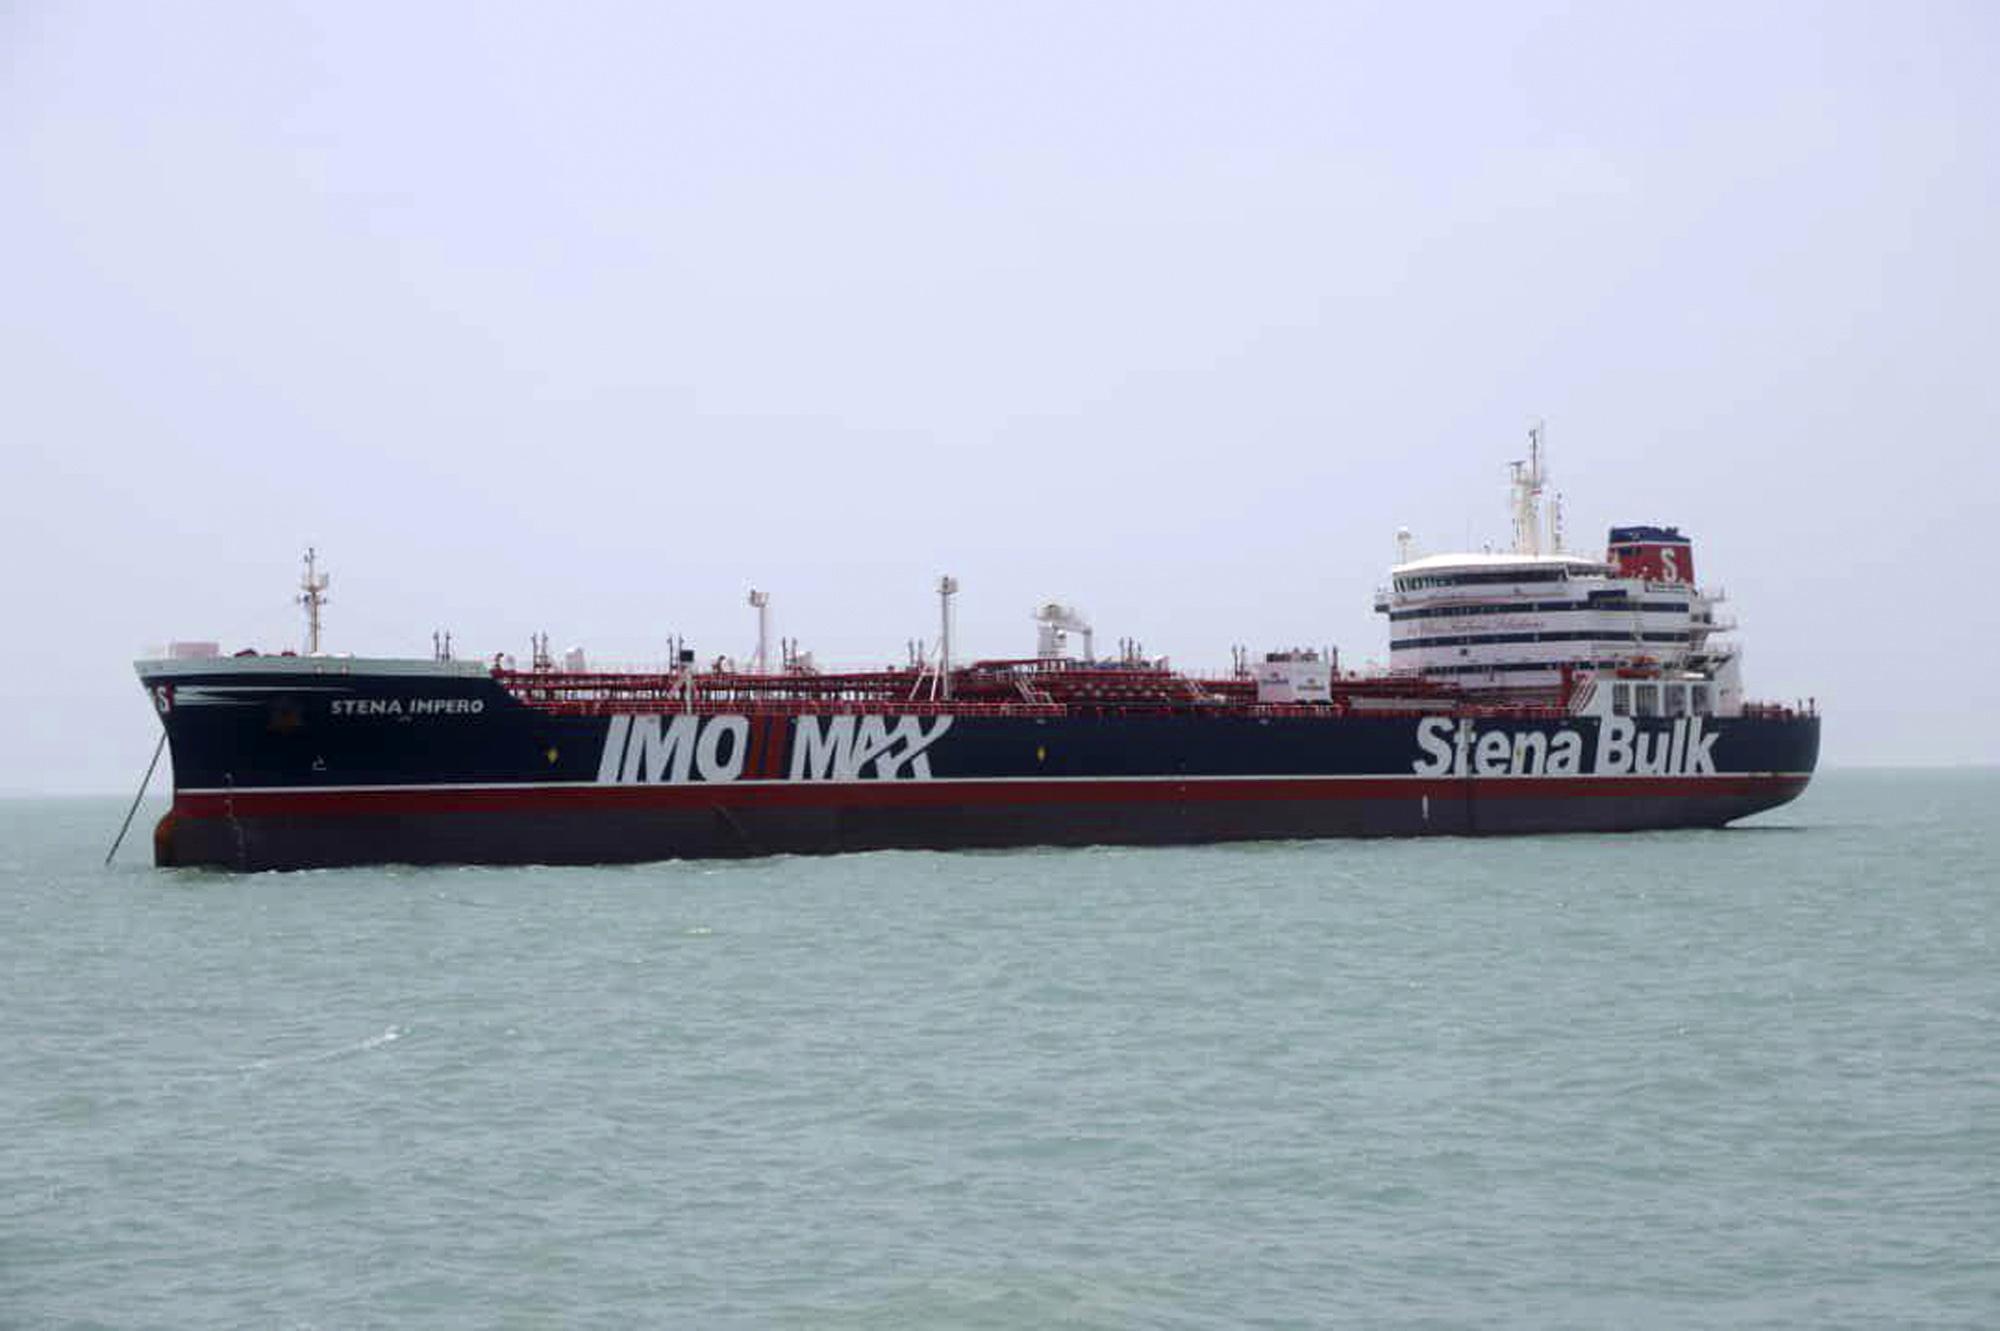 Iran says its seizure of British ship a reciprocal move